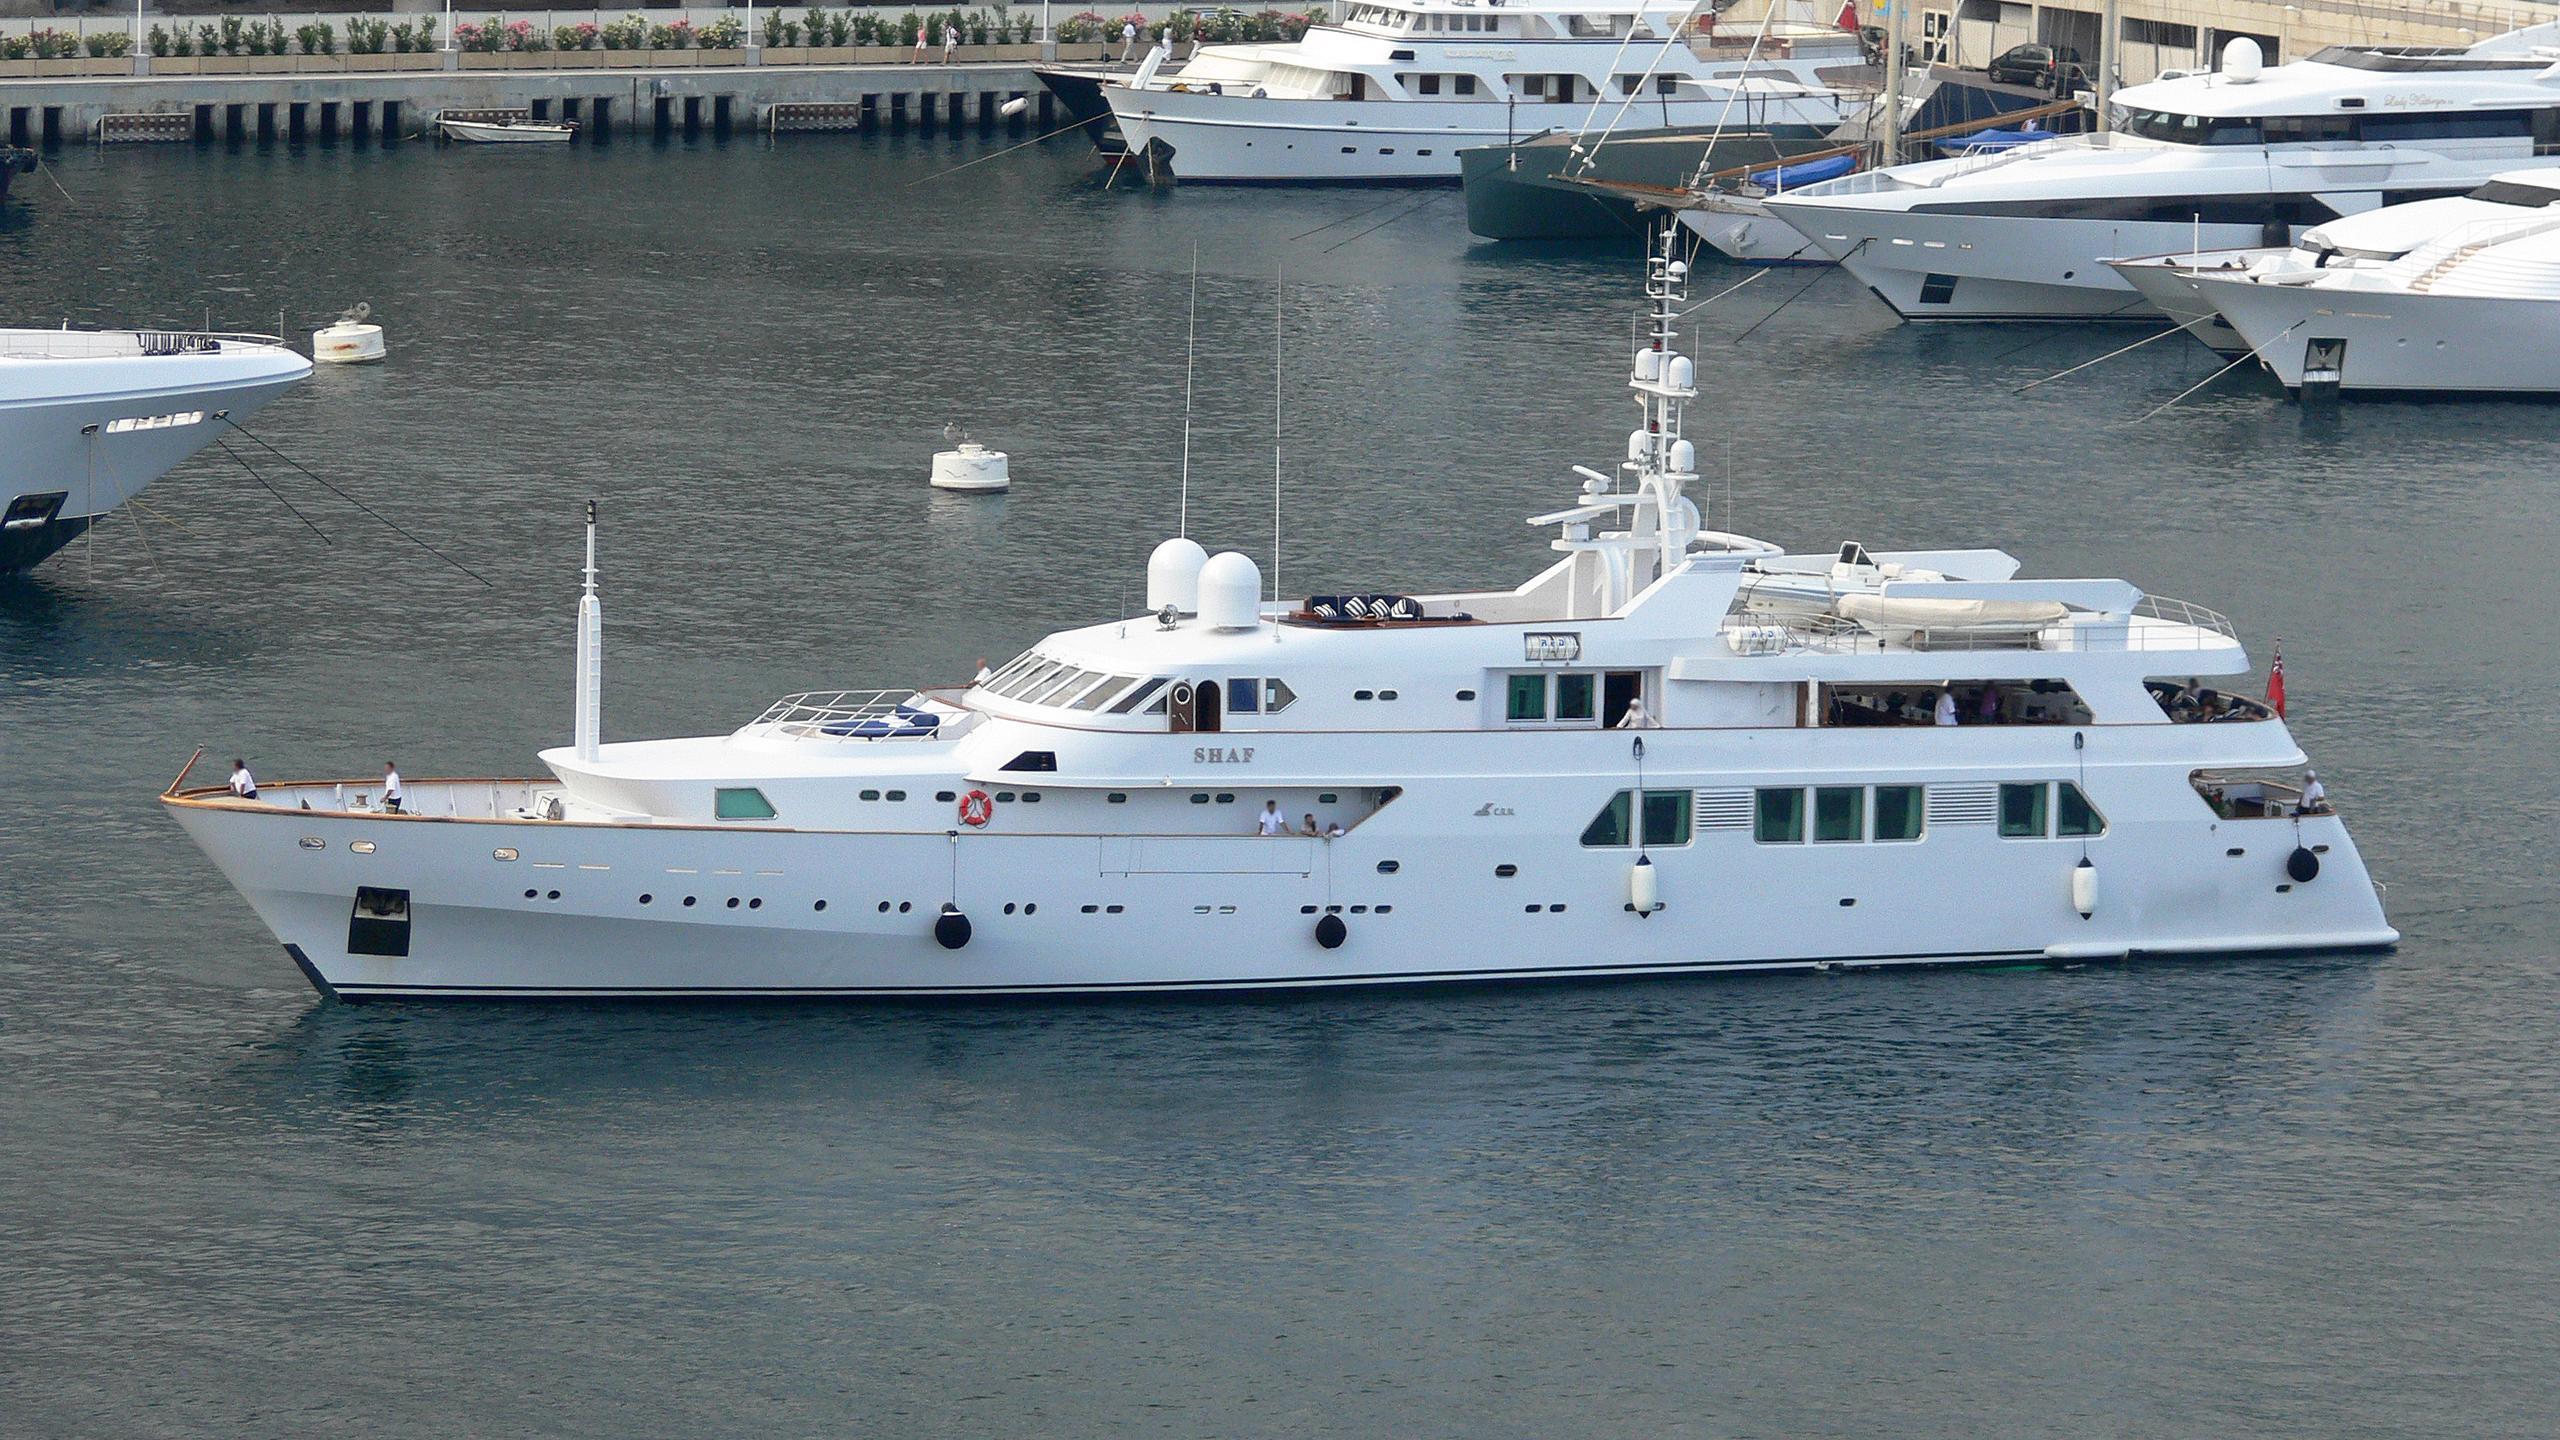 shaf-motor-yacht-crn-1983-53m-profile